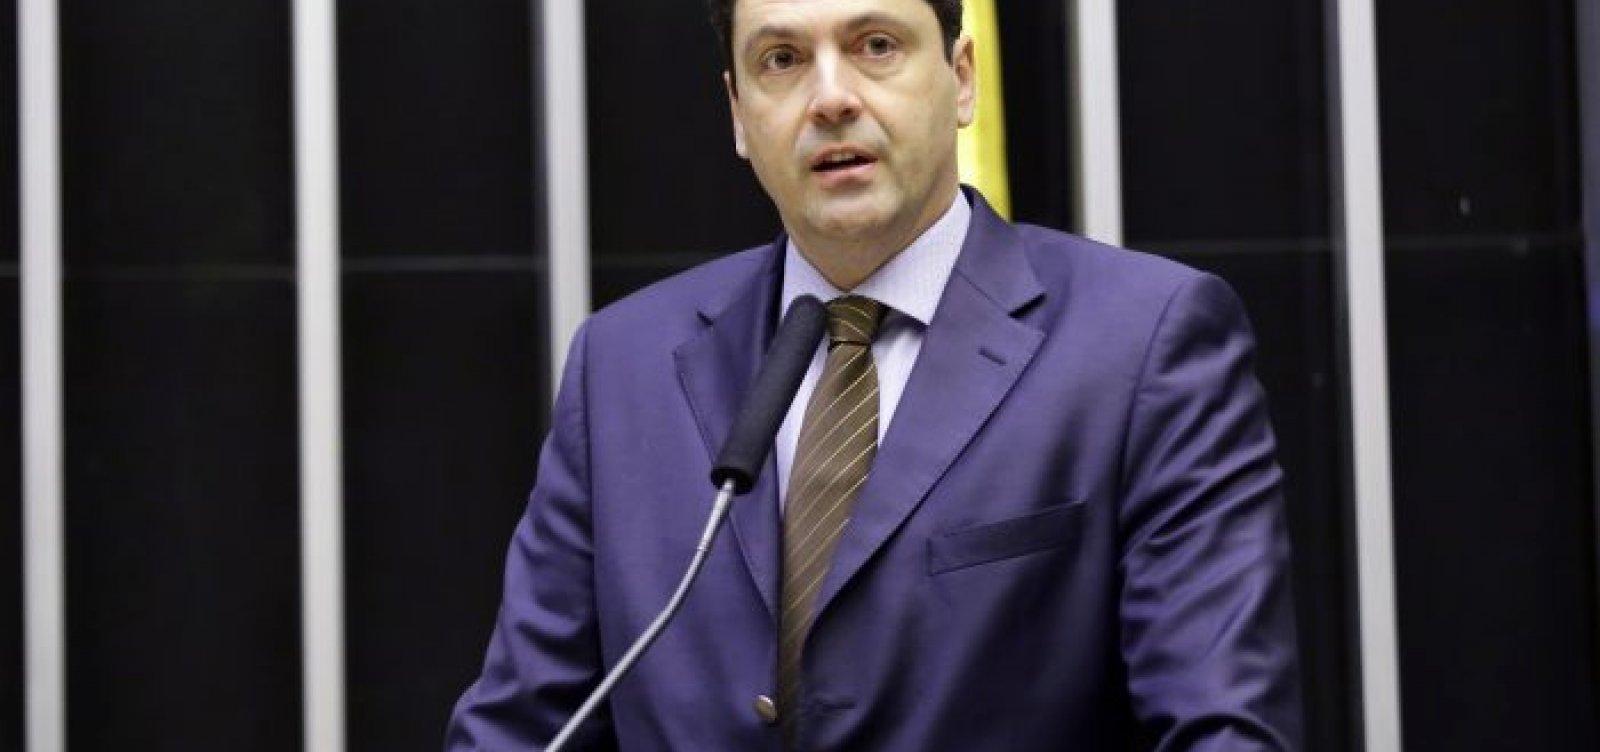 Príncipe confirma que Bolsonaro o descartou como vice por causa de dossiê falso